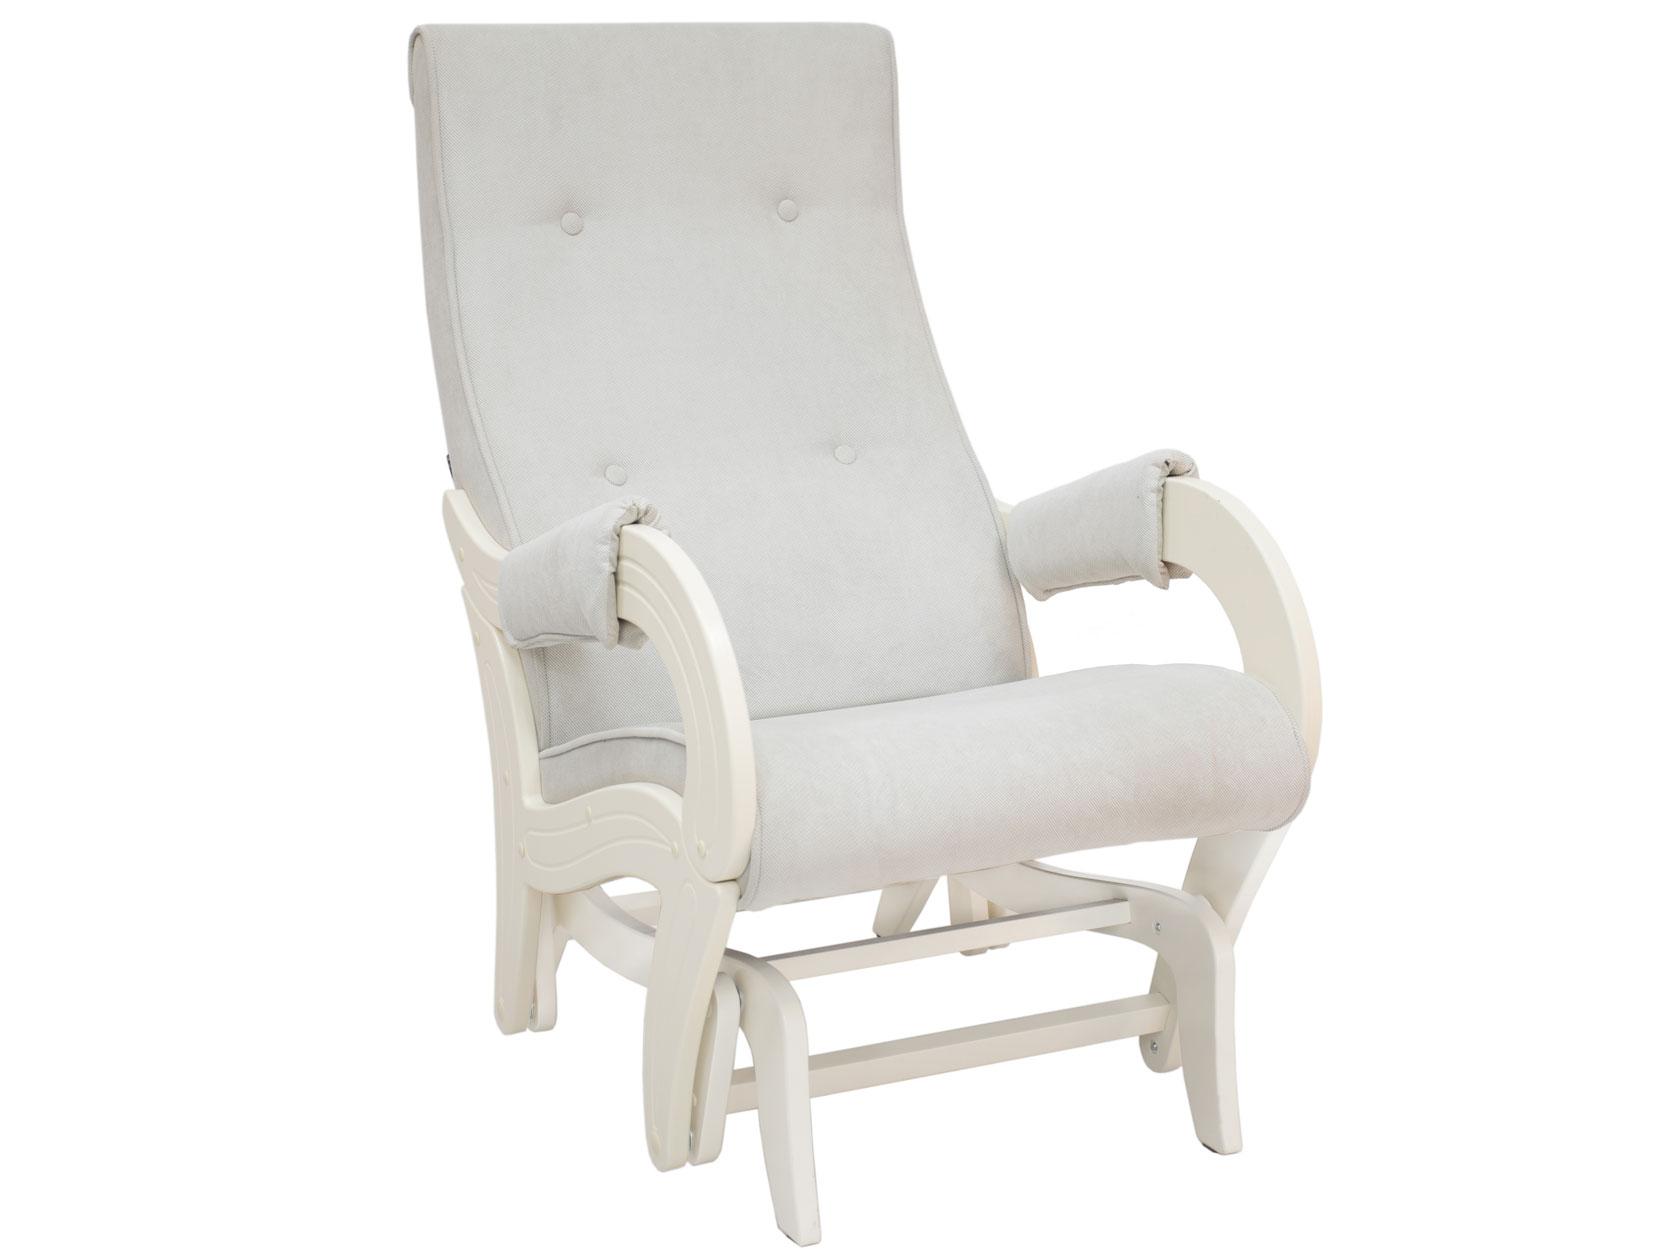 Кресло-глайдер 150-102413